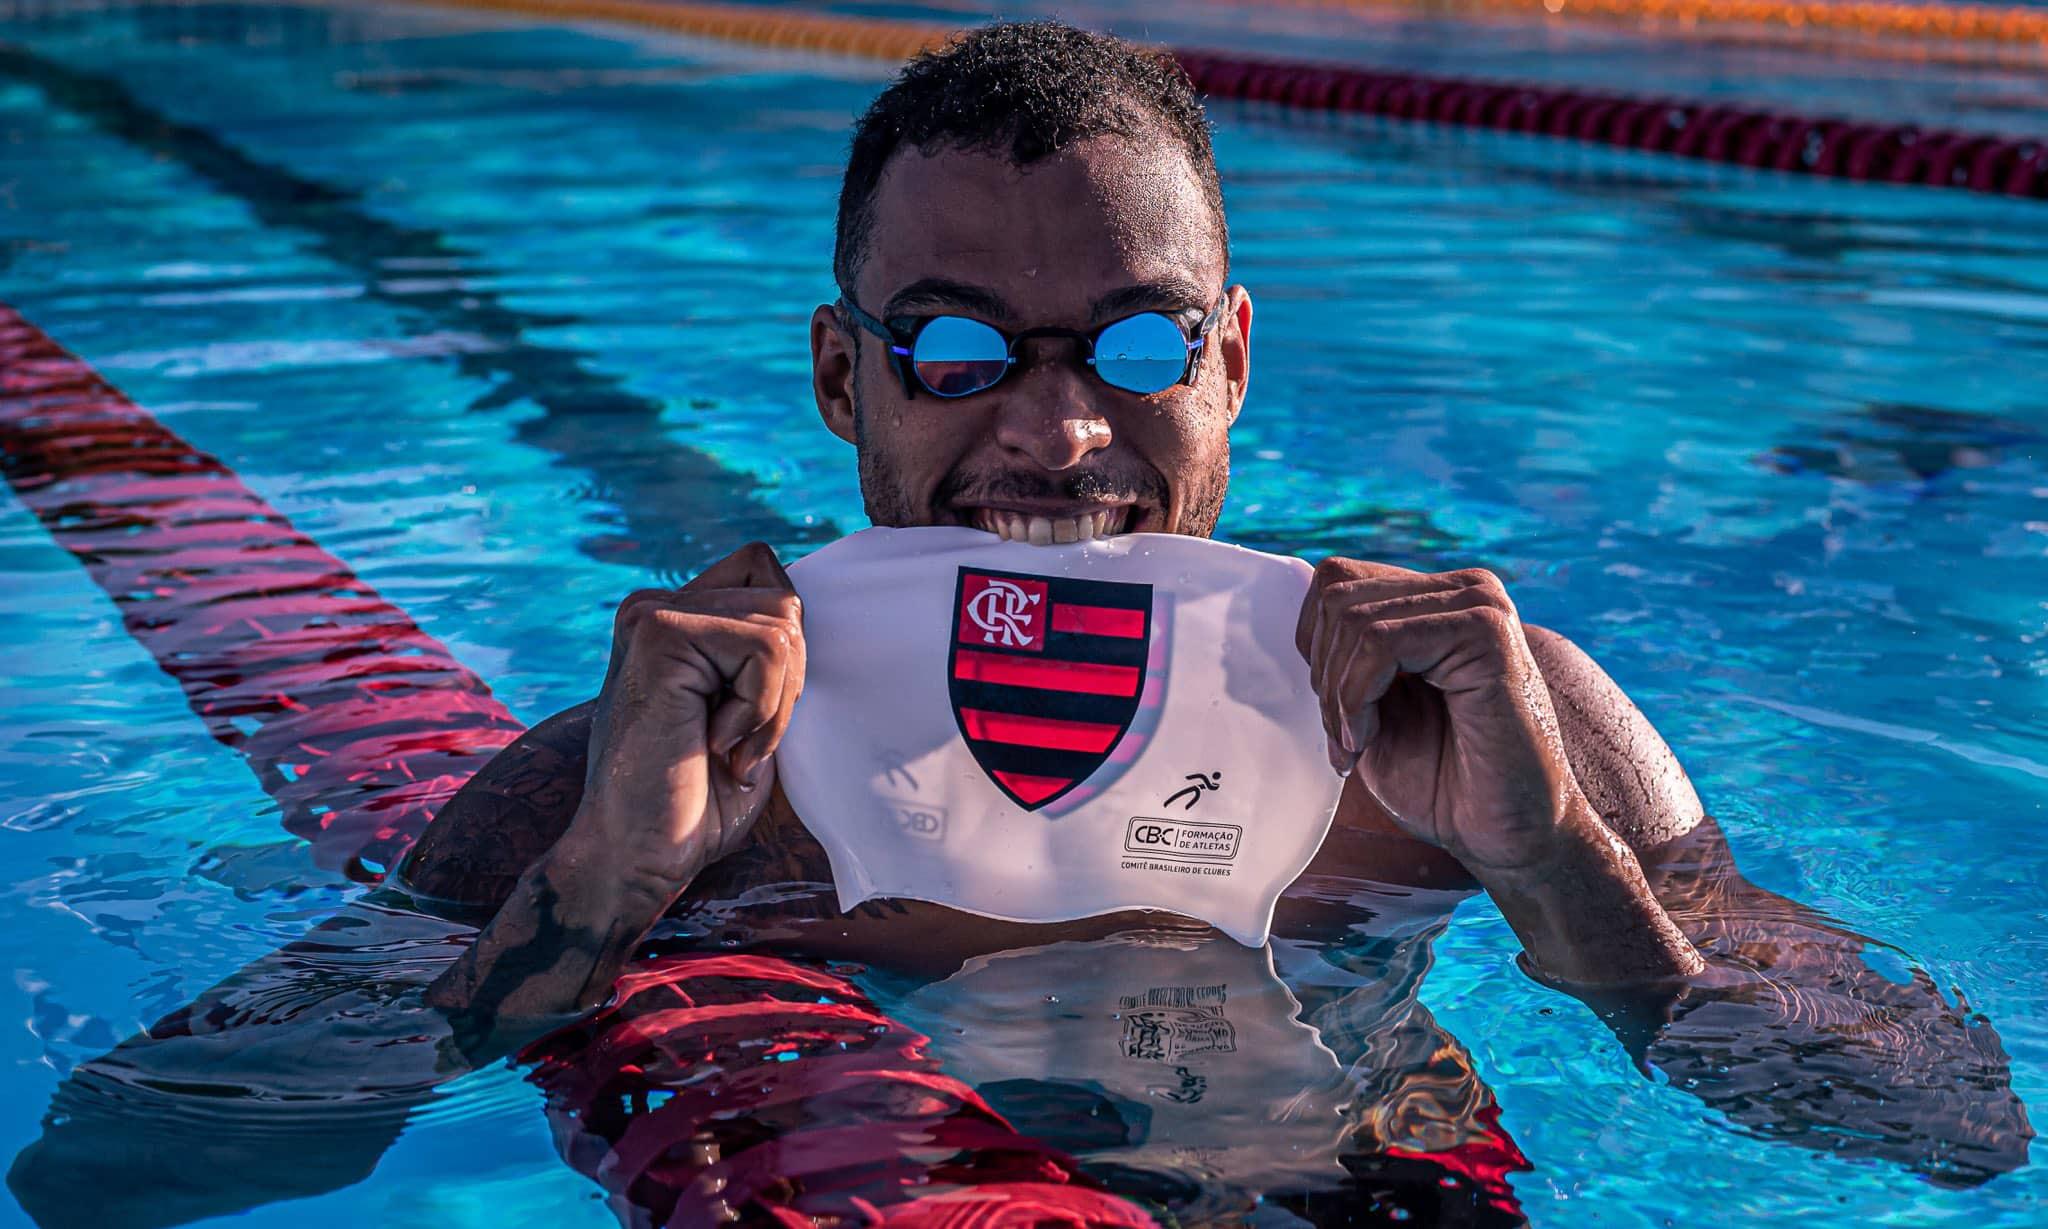 Matheus Santana natação flamengo reforço tóquio 2020 troféu maria lenk